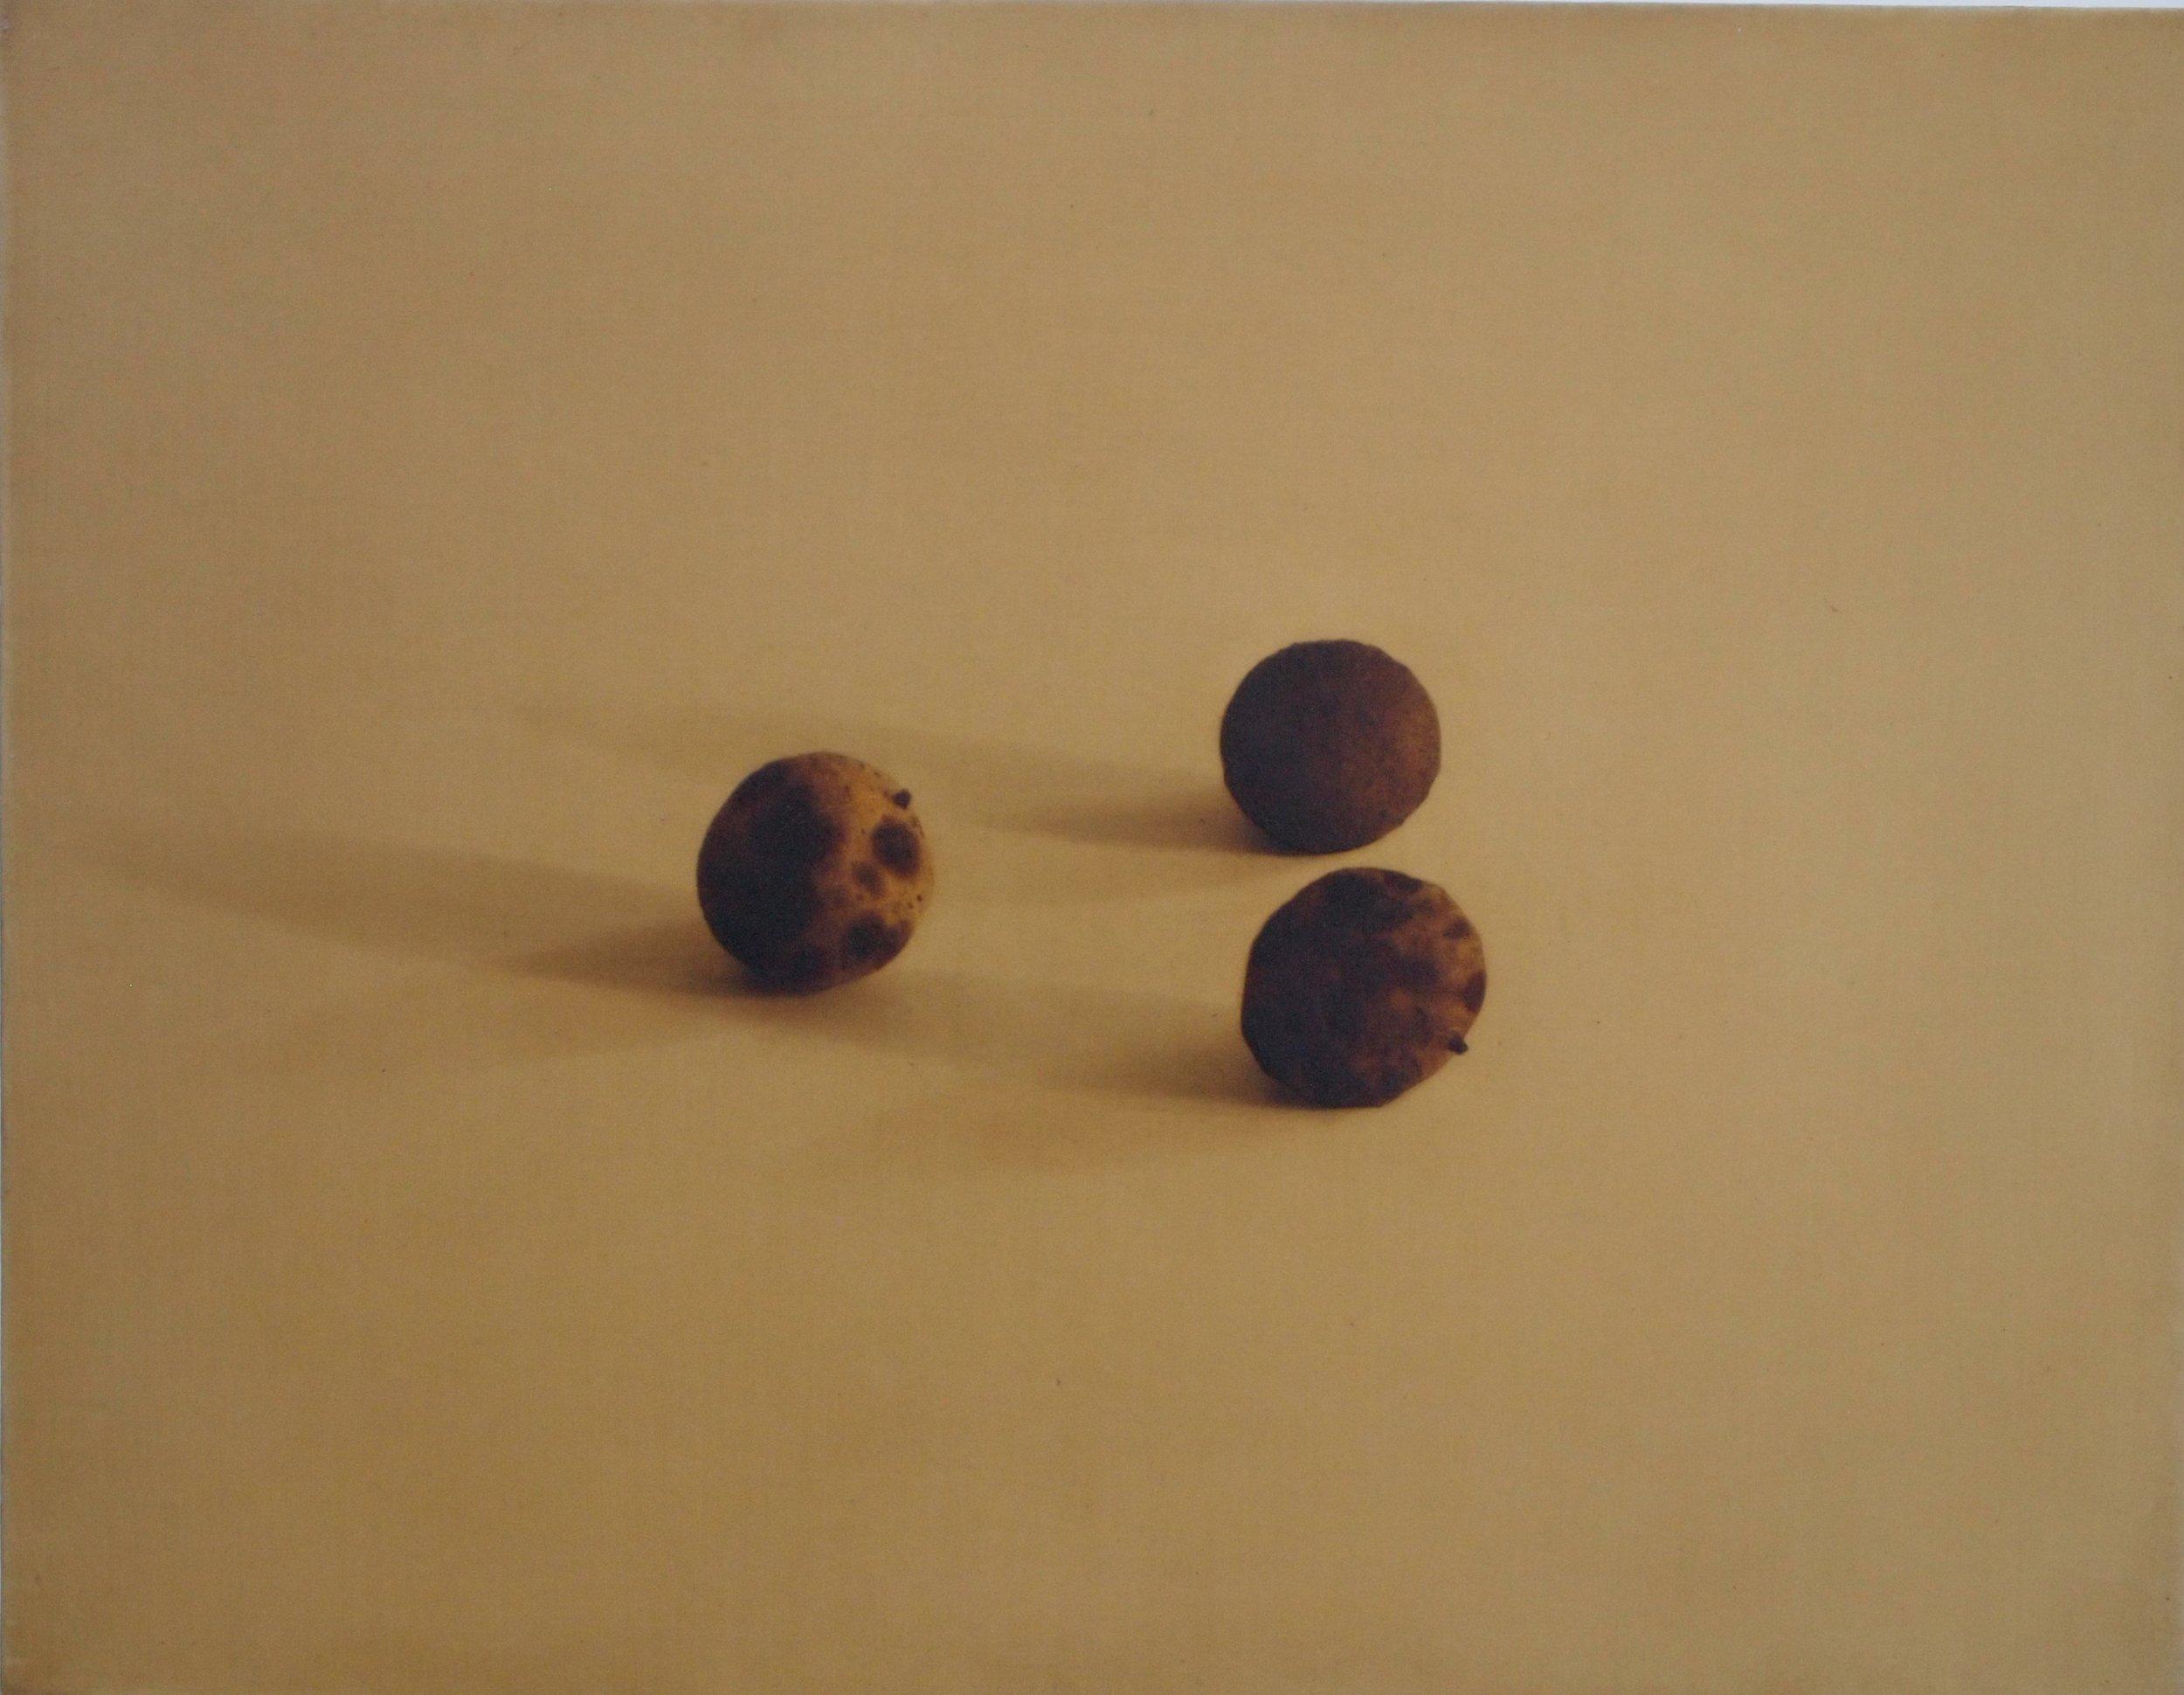 Black Walnuts, 1995, 14x18, o/l